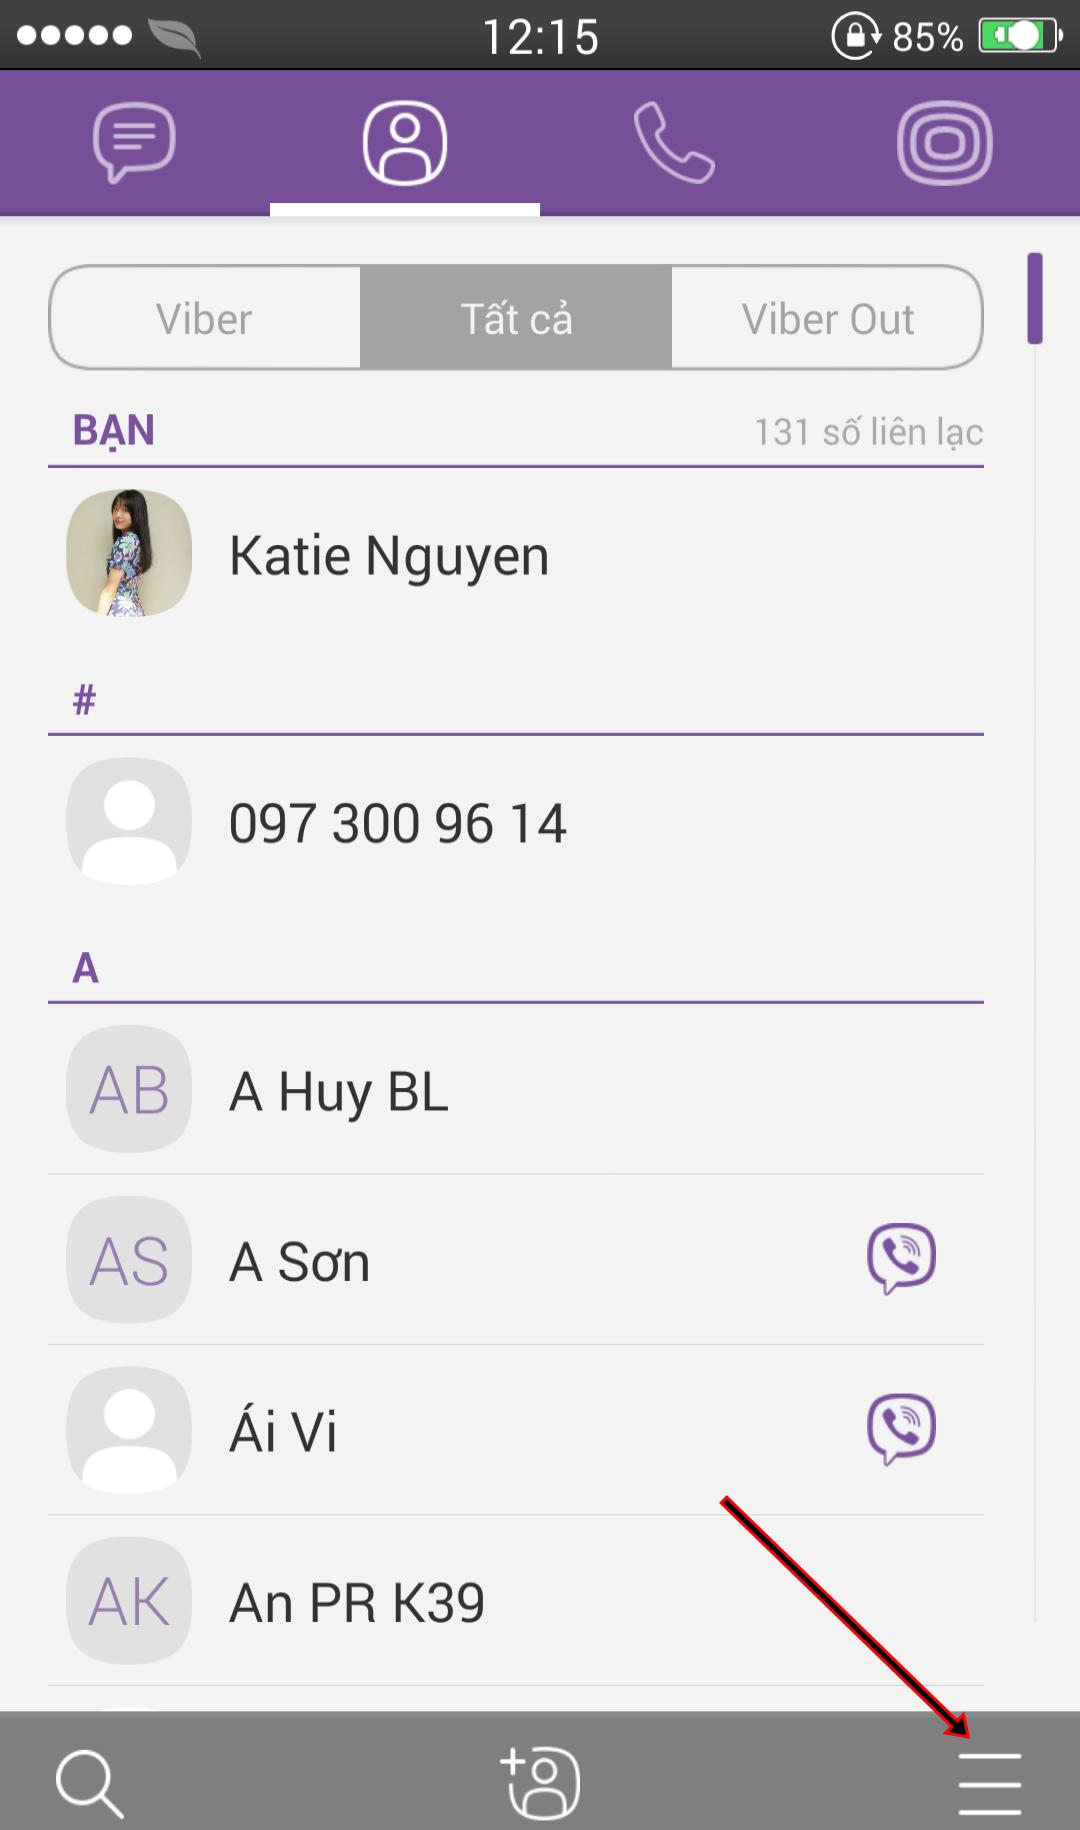 Chặn tin nhắn rác trên Viber